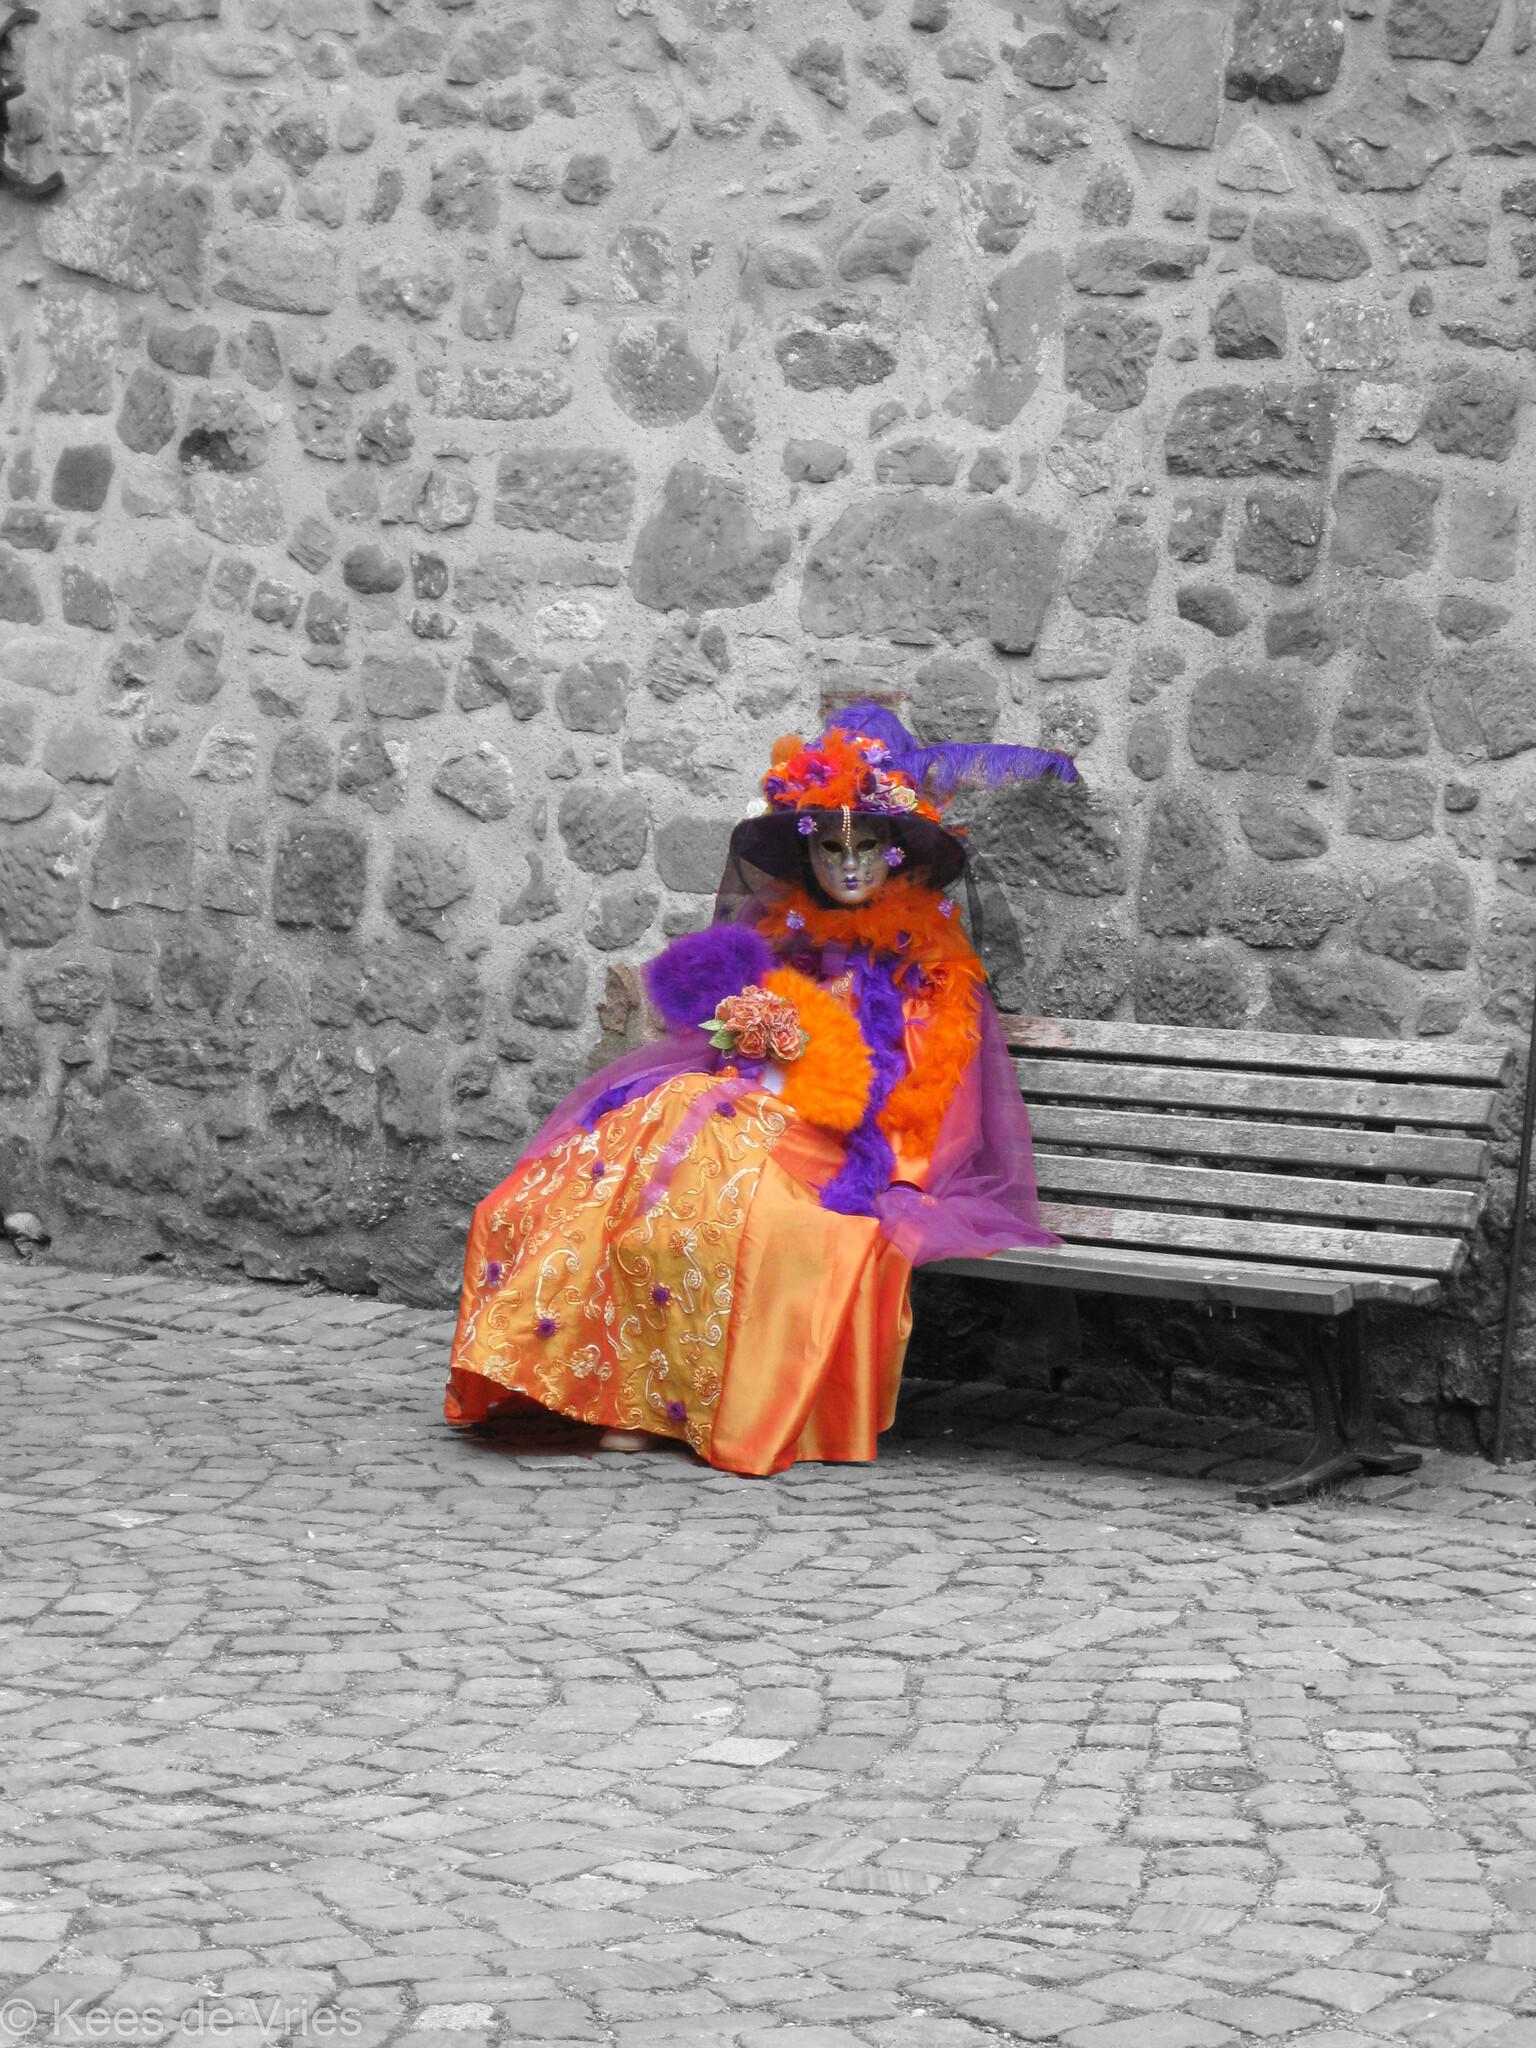 Elzas 2012 - Venetiaanse Parade in Riquewihr in de Elzas - foto door KdV59 op 05-05-2021 - locatie: 68340 Riquewihr, Frankrijk - deze foto bevat: weg oppervlak, straatmode, vloeren, tinten en schakeringen, weg, bank, landschap, magenta, menselijke nederzetting, trottoir